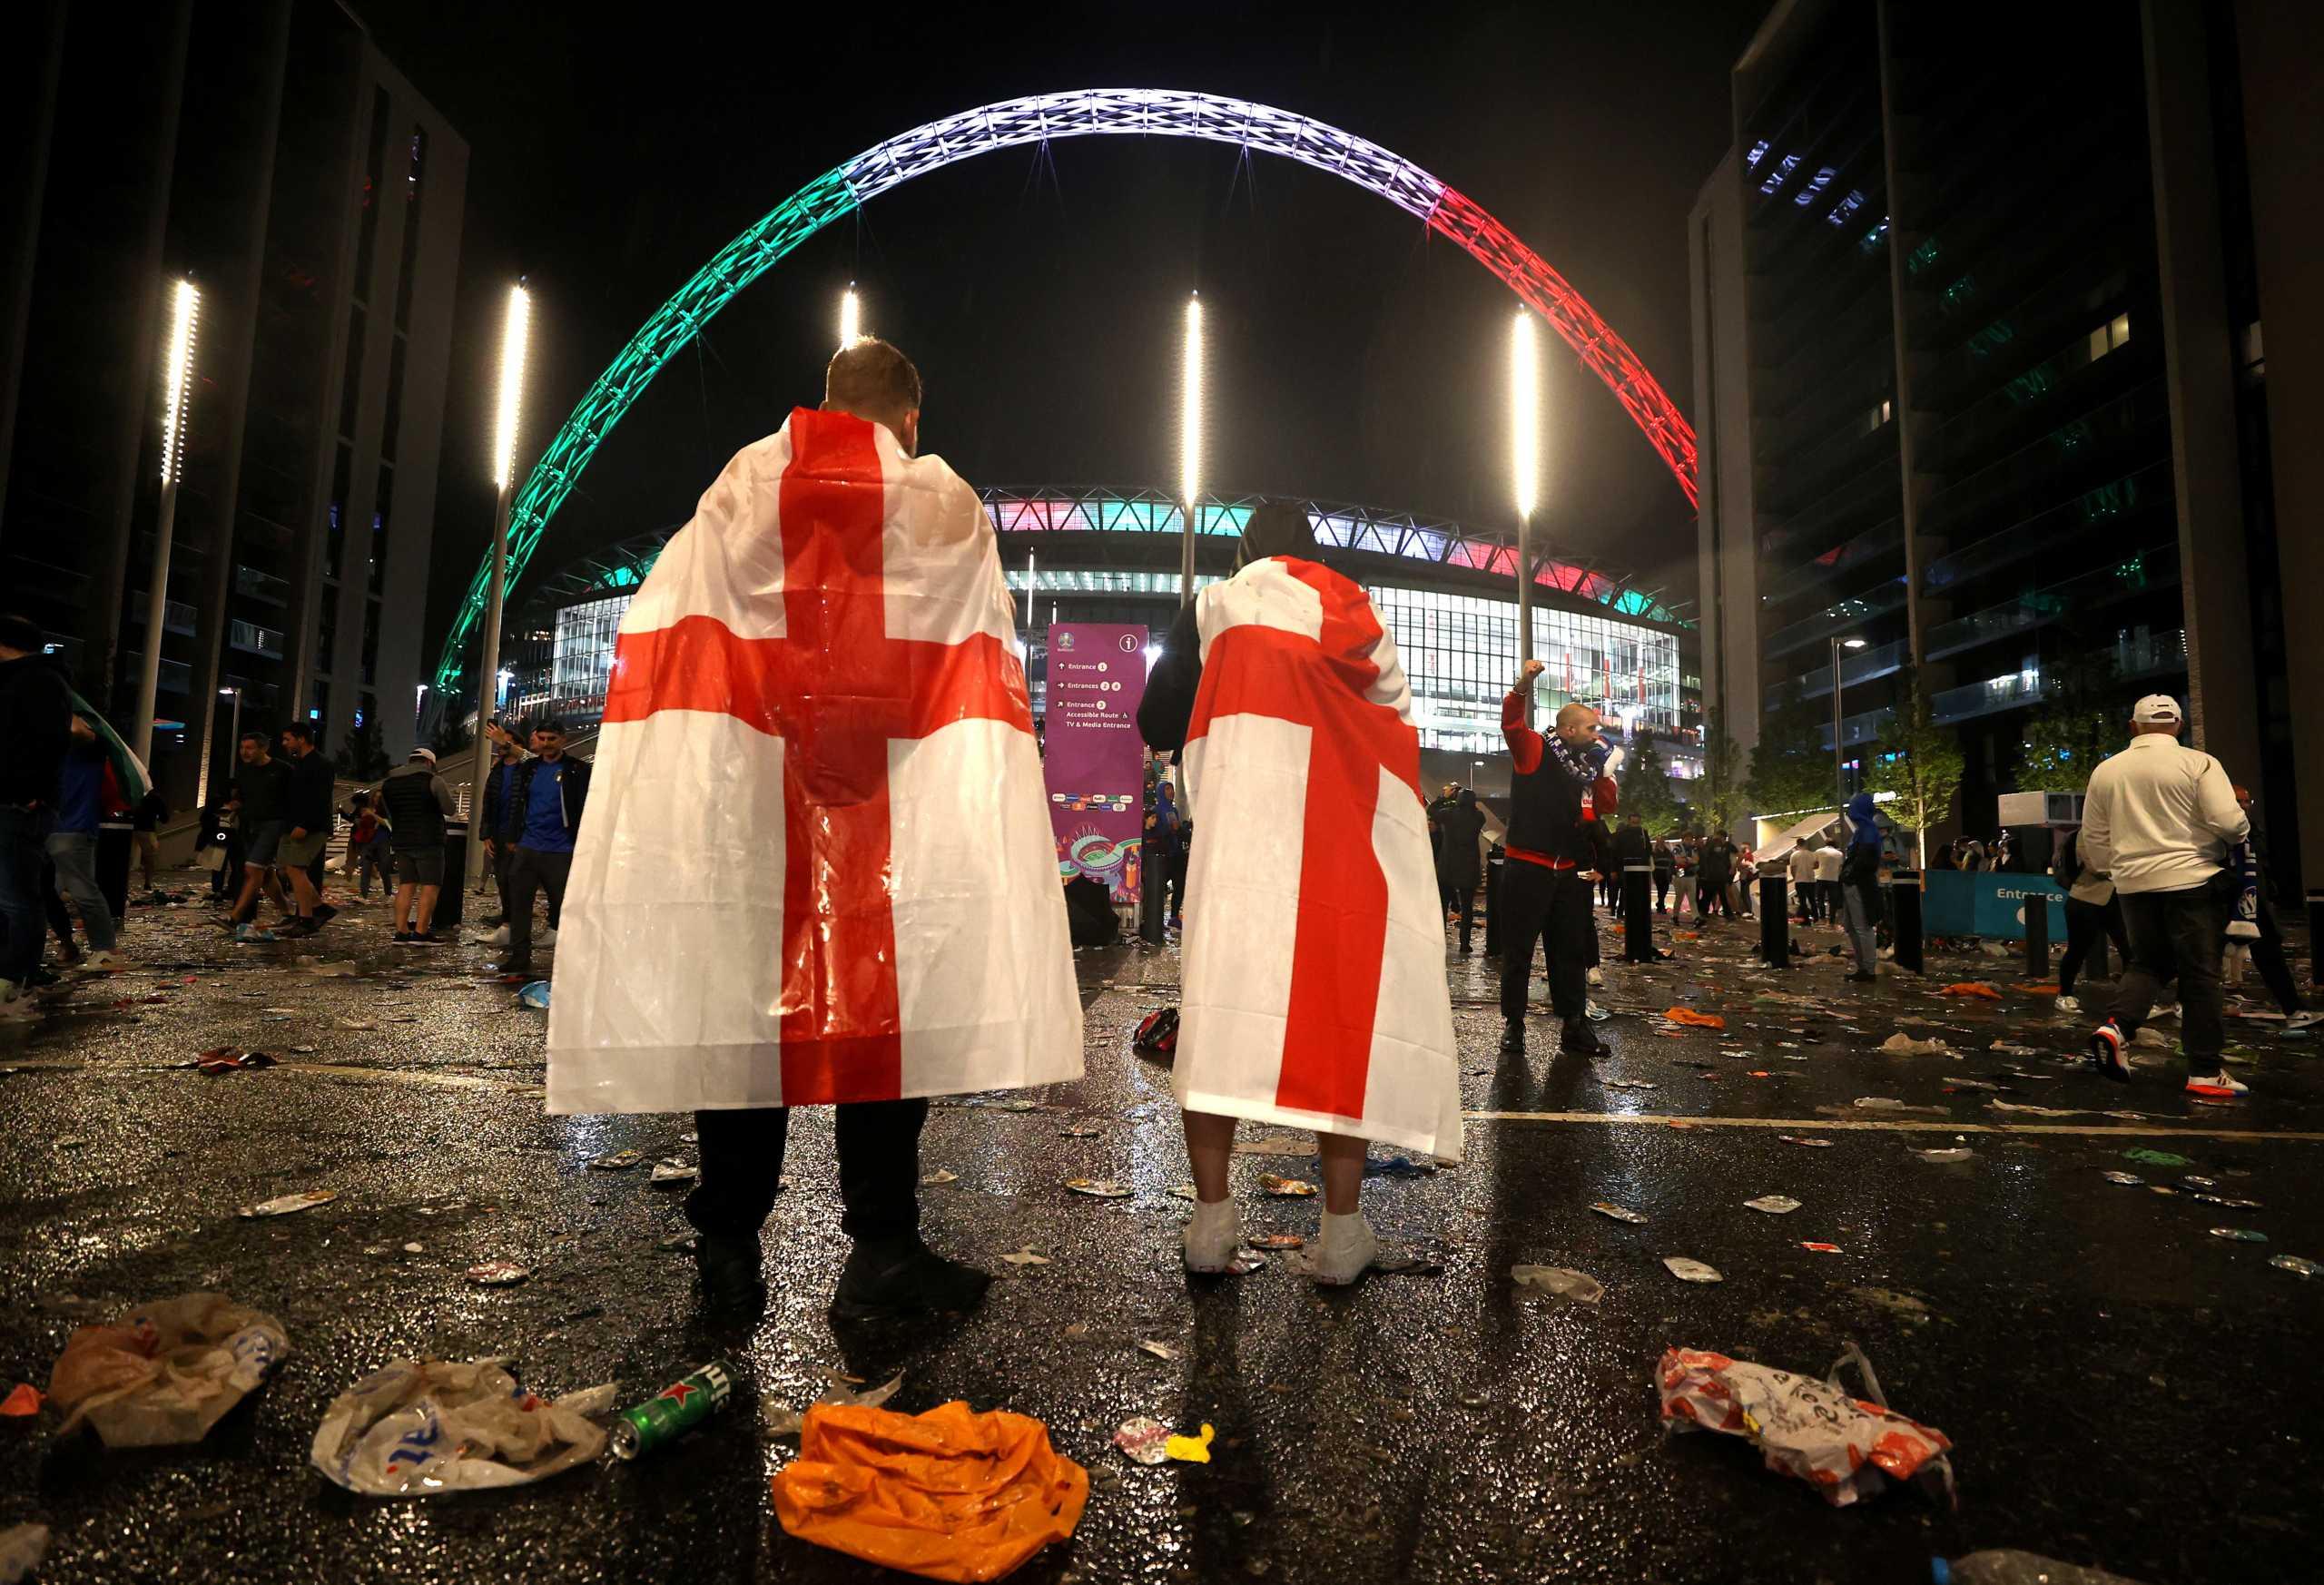 Euro 2020: Επίθεση Άγγλων οπαδών σε Ιταλούς μετά τον τελικό – Επεισόδια και συλλήψεις